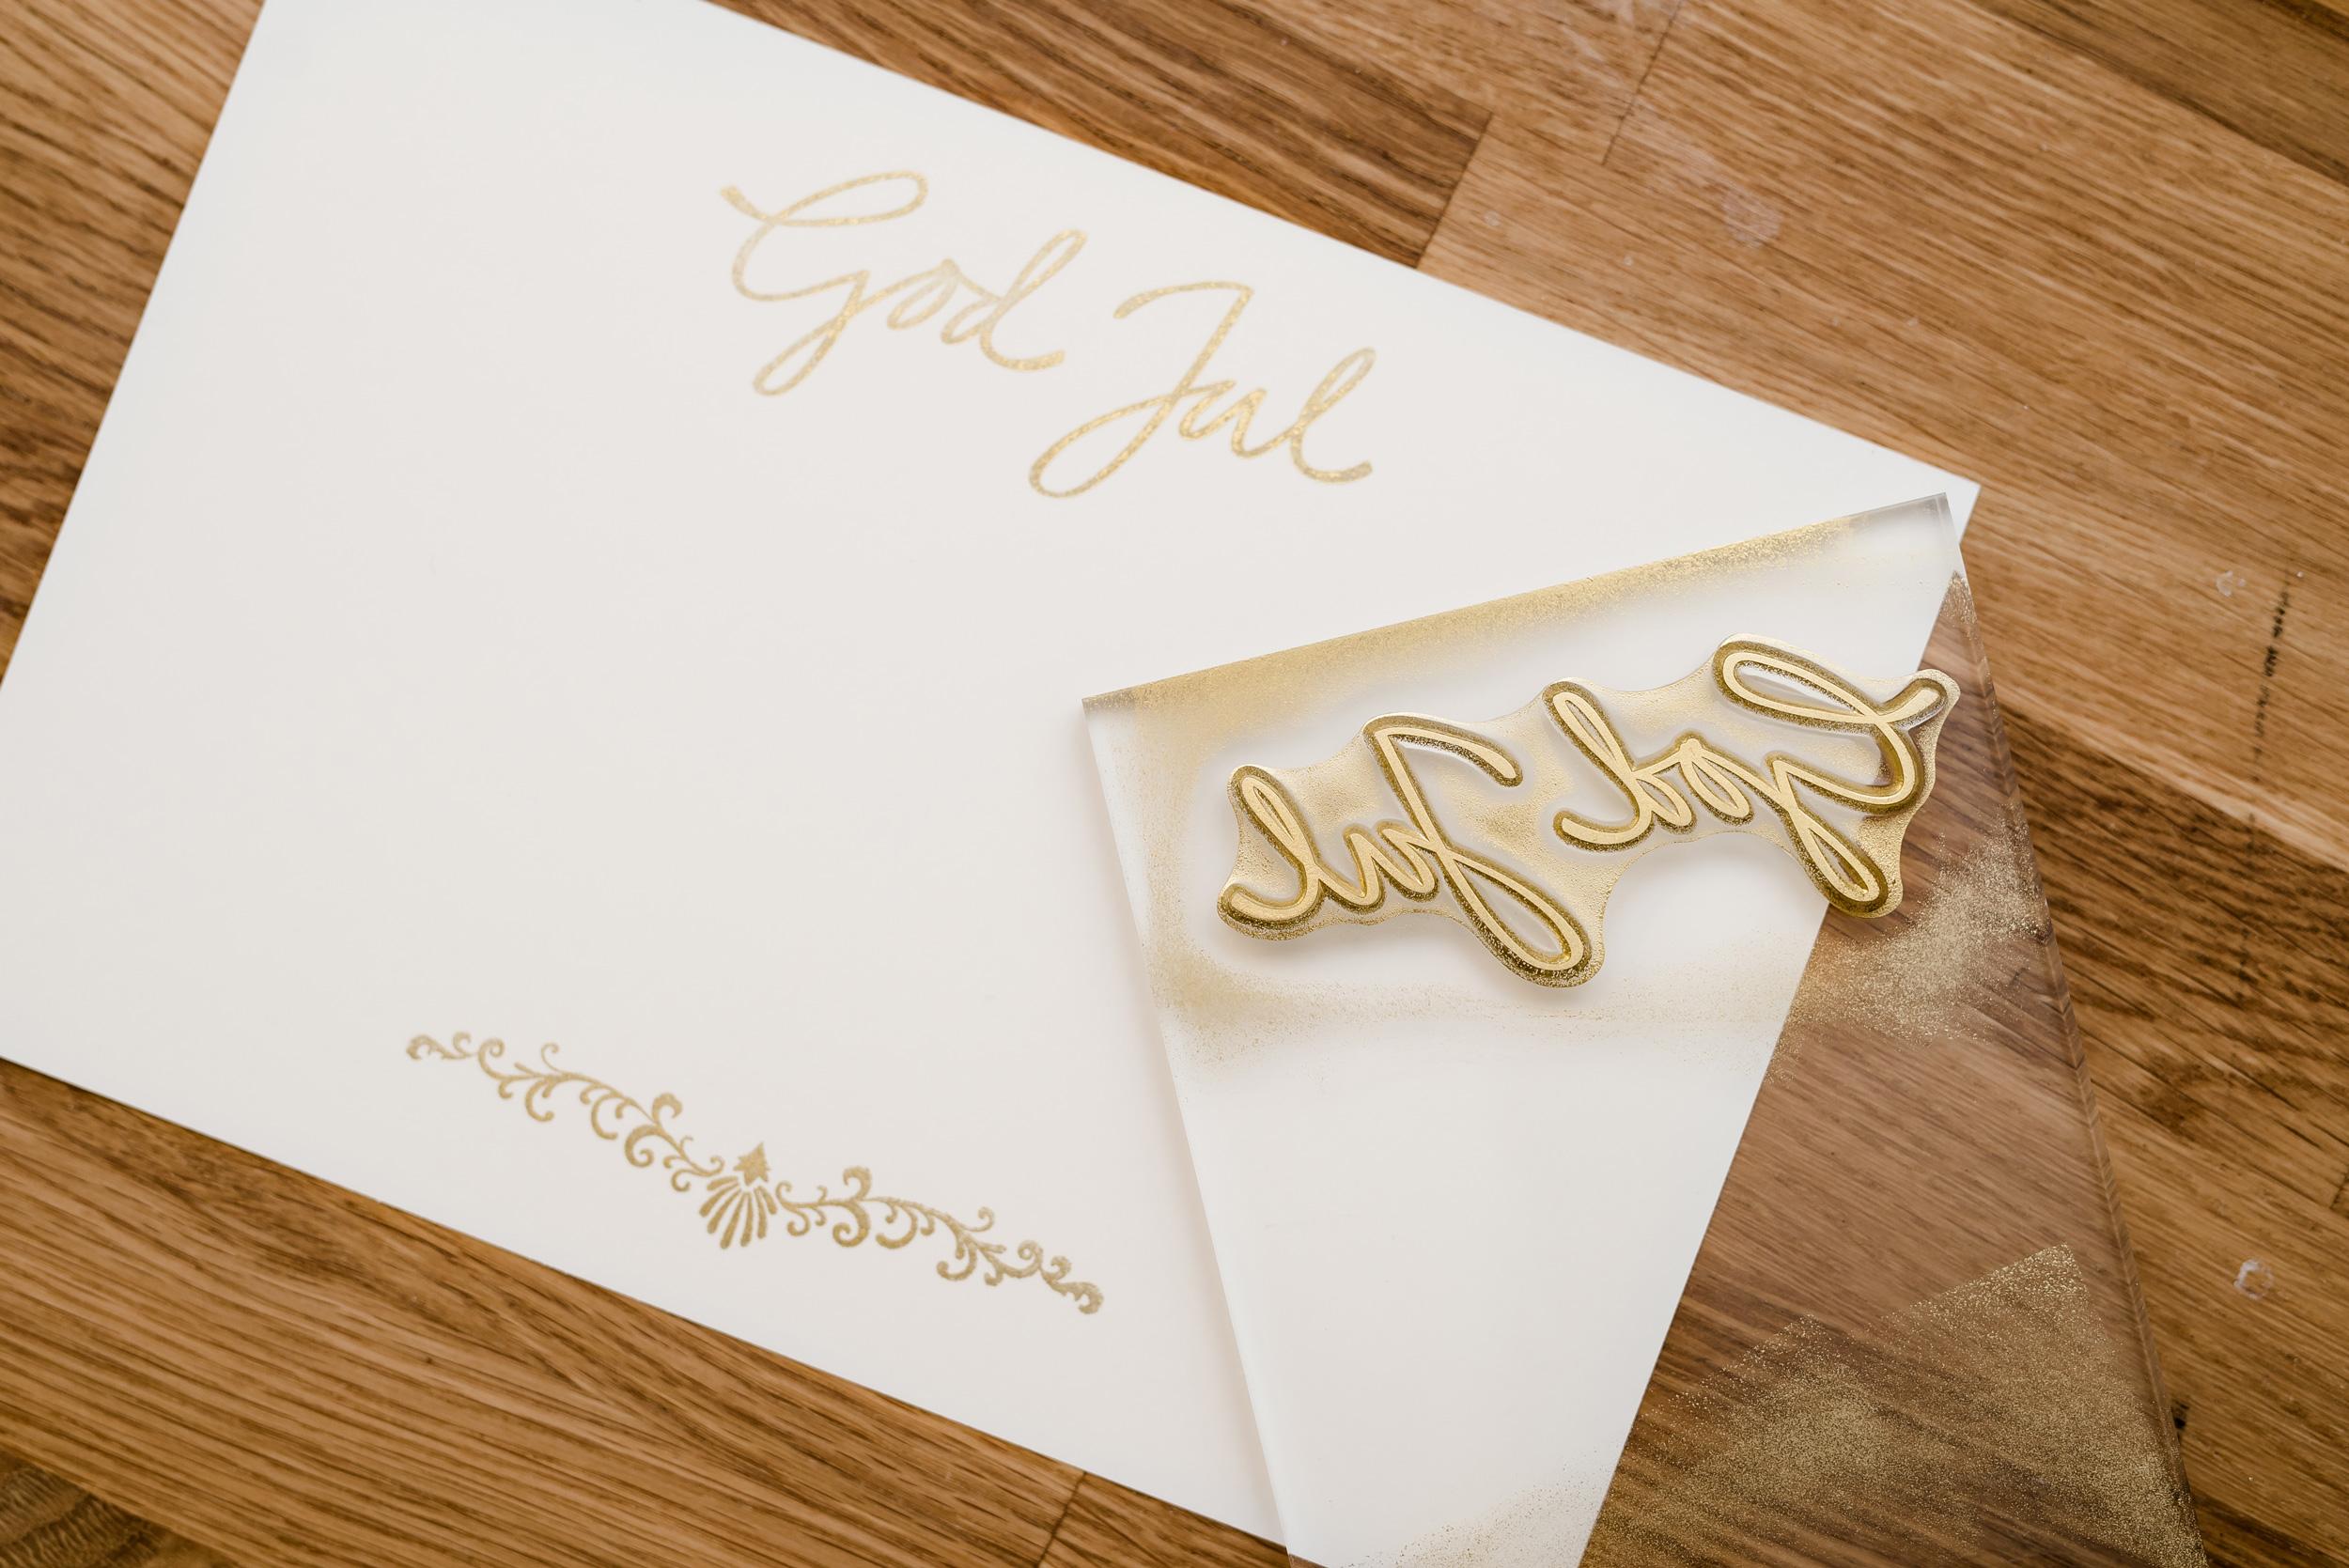 Jag gjorde julkorten på beiget tjockt papper. Stämplarna och den fina guldfärgen är från Panduro.